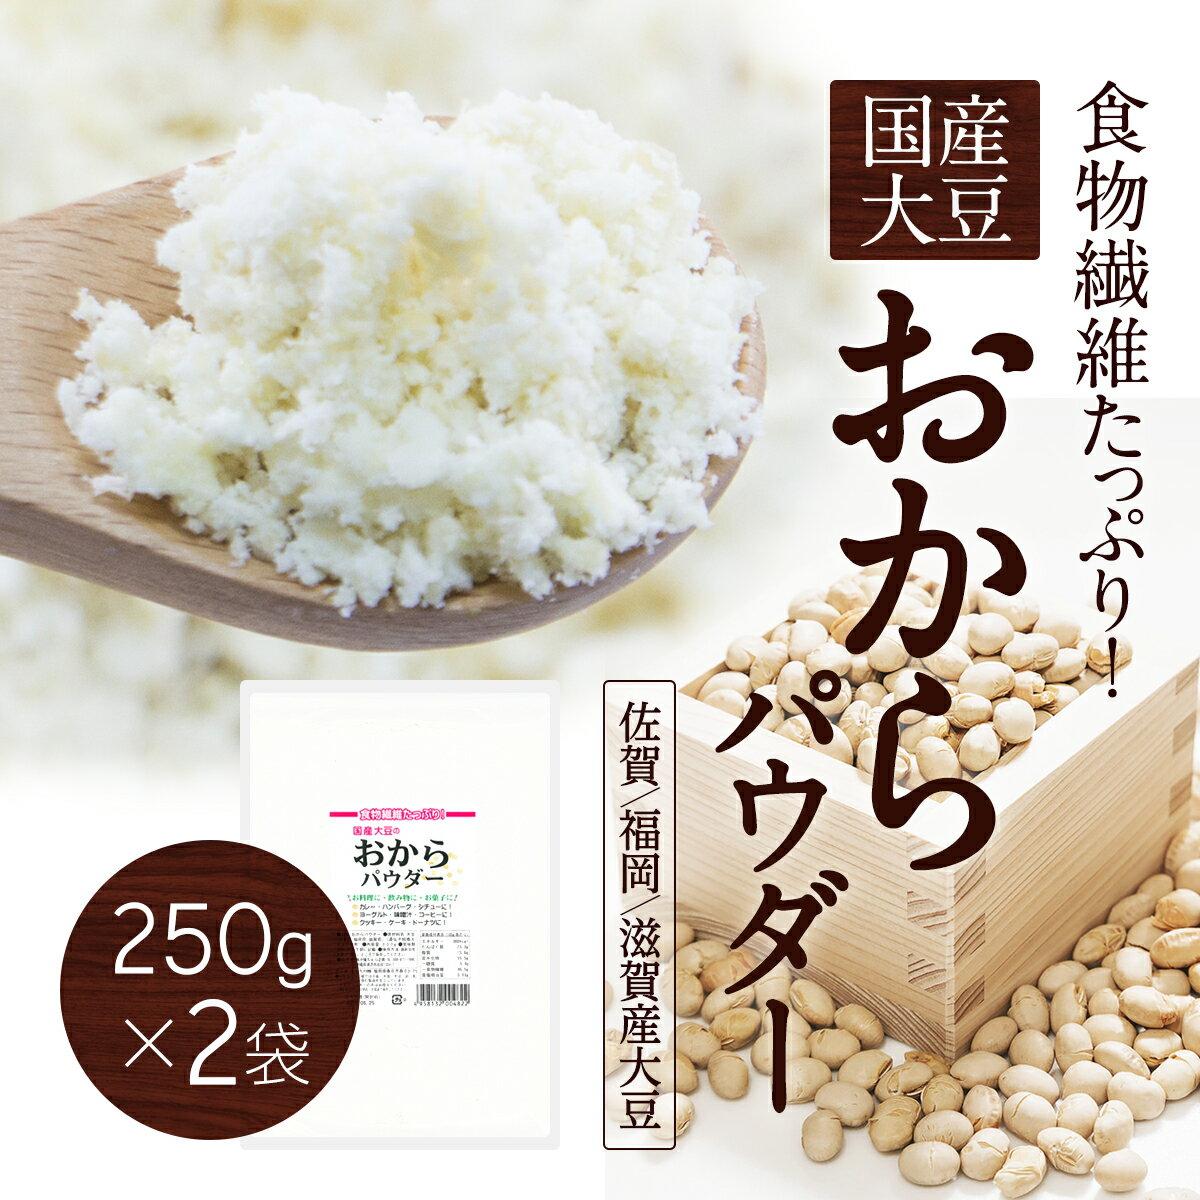 【国産大豆】おからパウダー(250g×2袋)【全国送料無料】【おから 大豆 食物繊維】